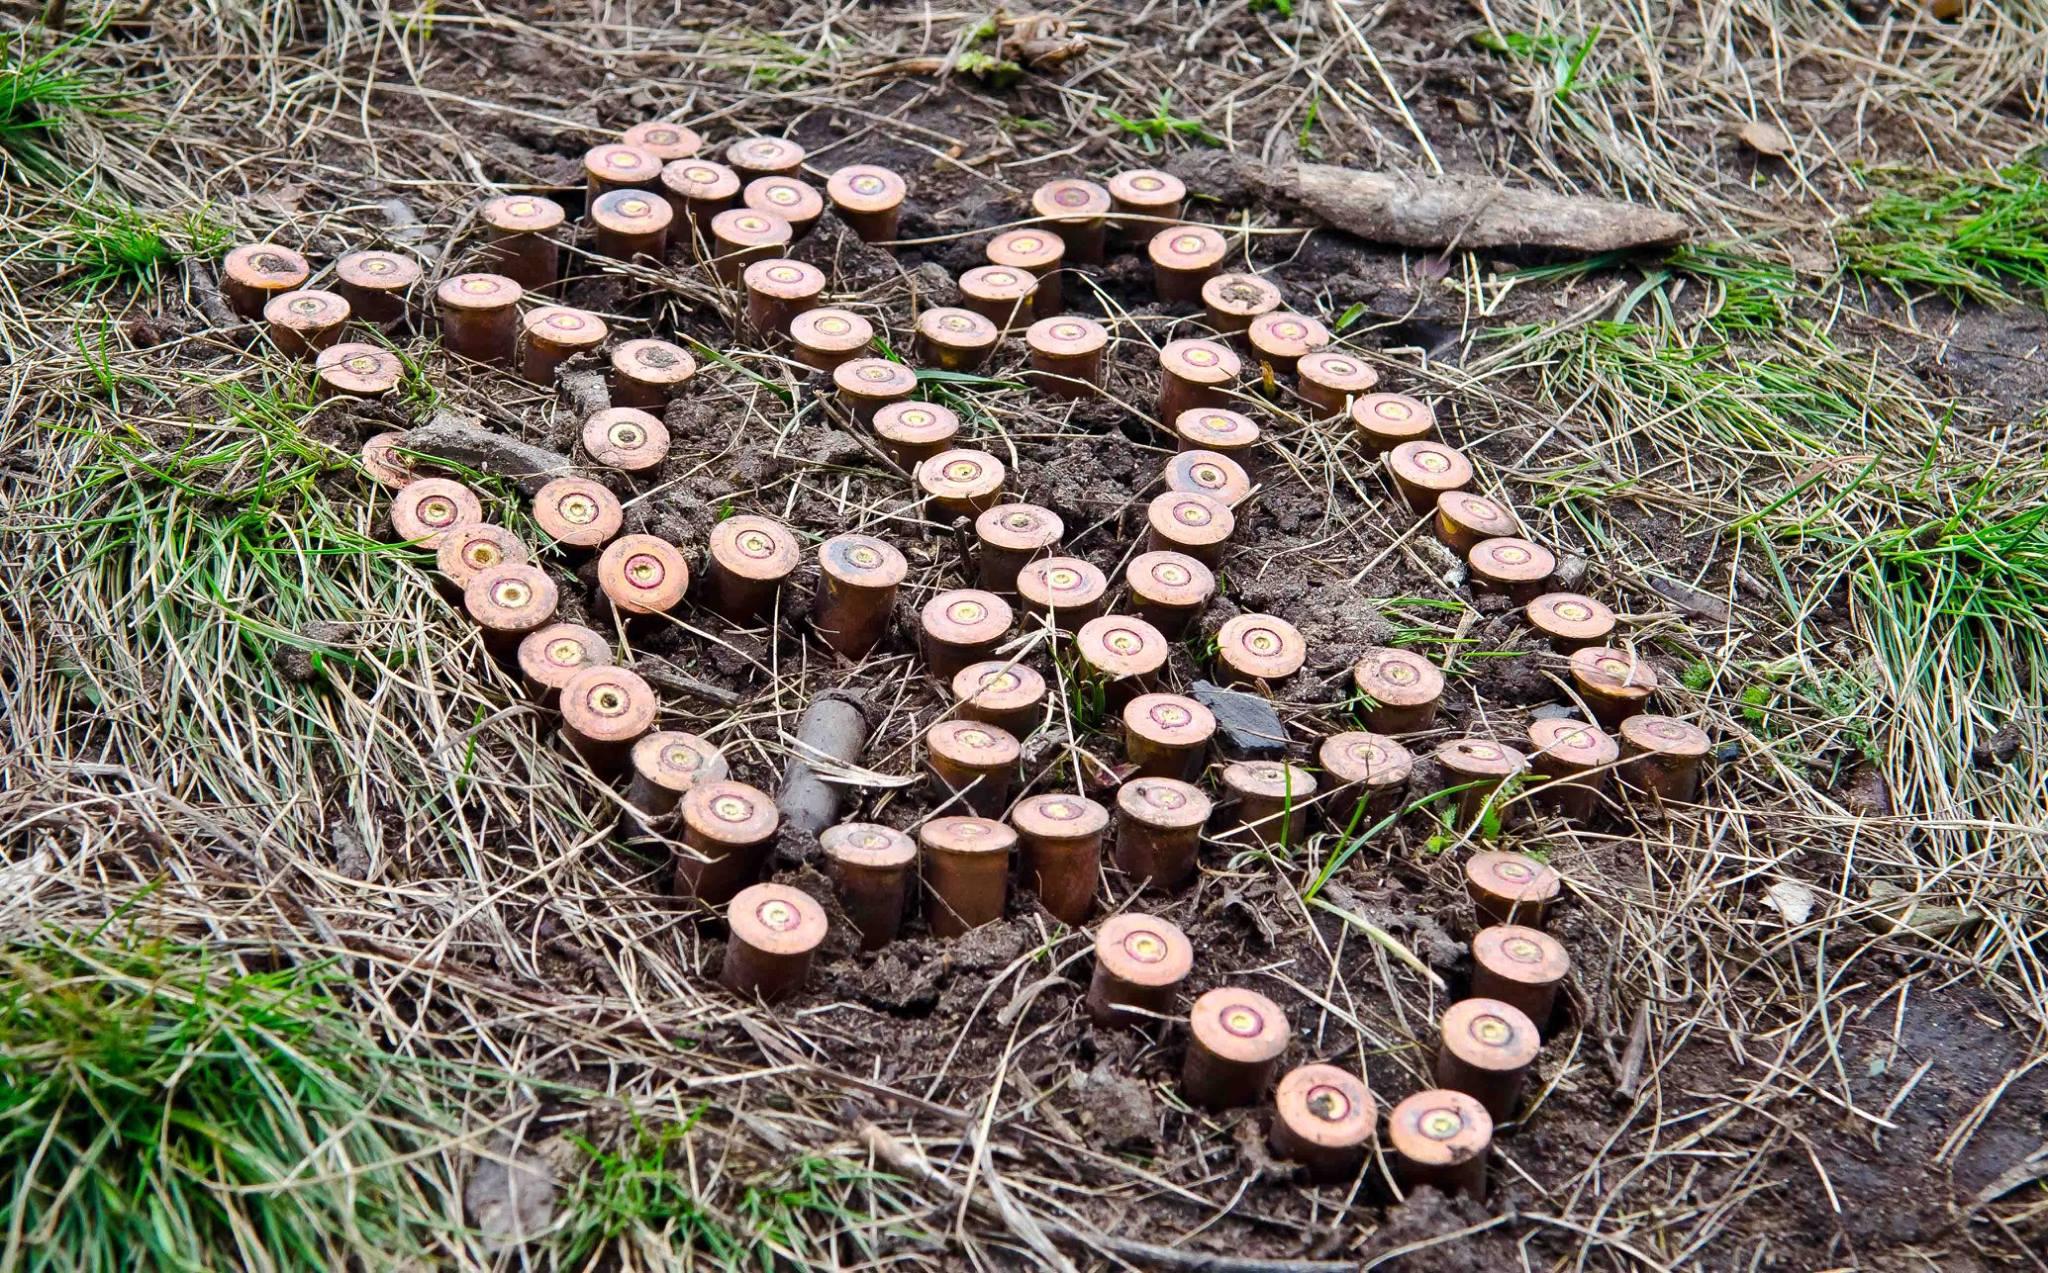 Одного українського воїна поранено на Донбасі. Ворог бив по позиціях ЗСУ зі 120- та 82-мм мінометів, за добу - 21 обстріл, - штаб - Цензор.НЕТ 4593